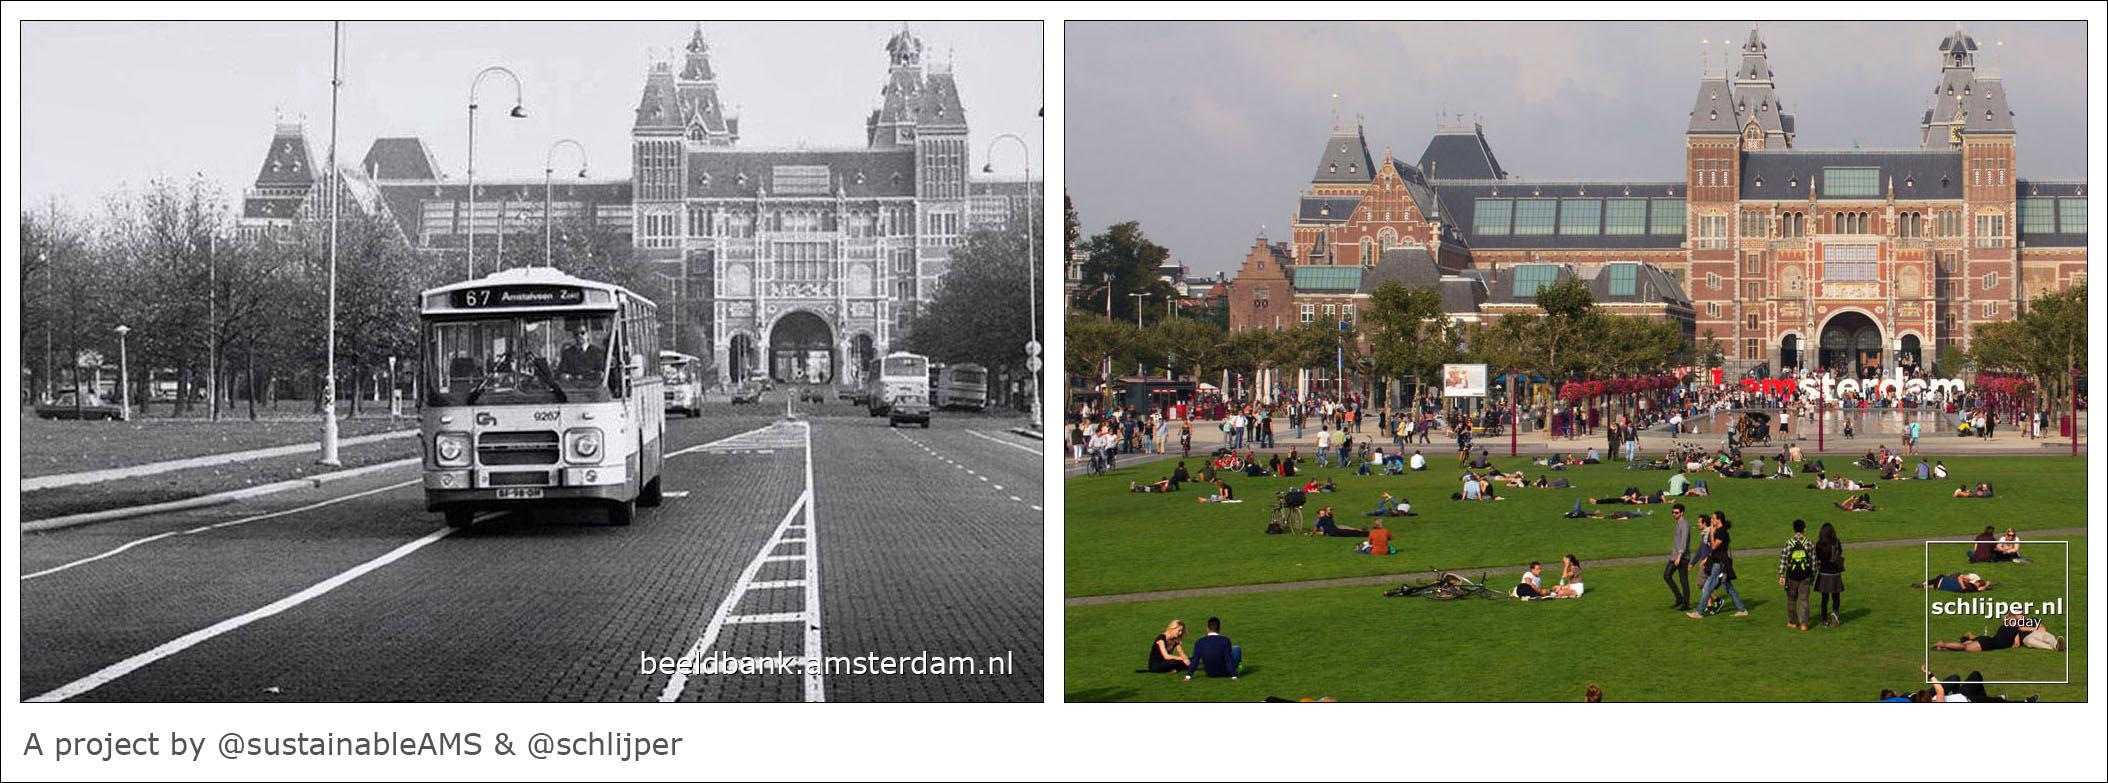 Museumplein comparison